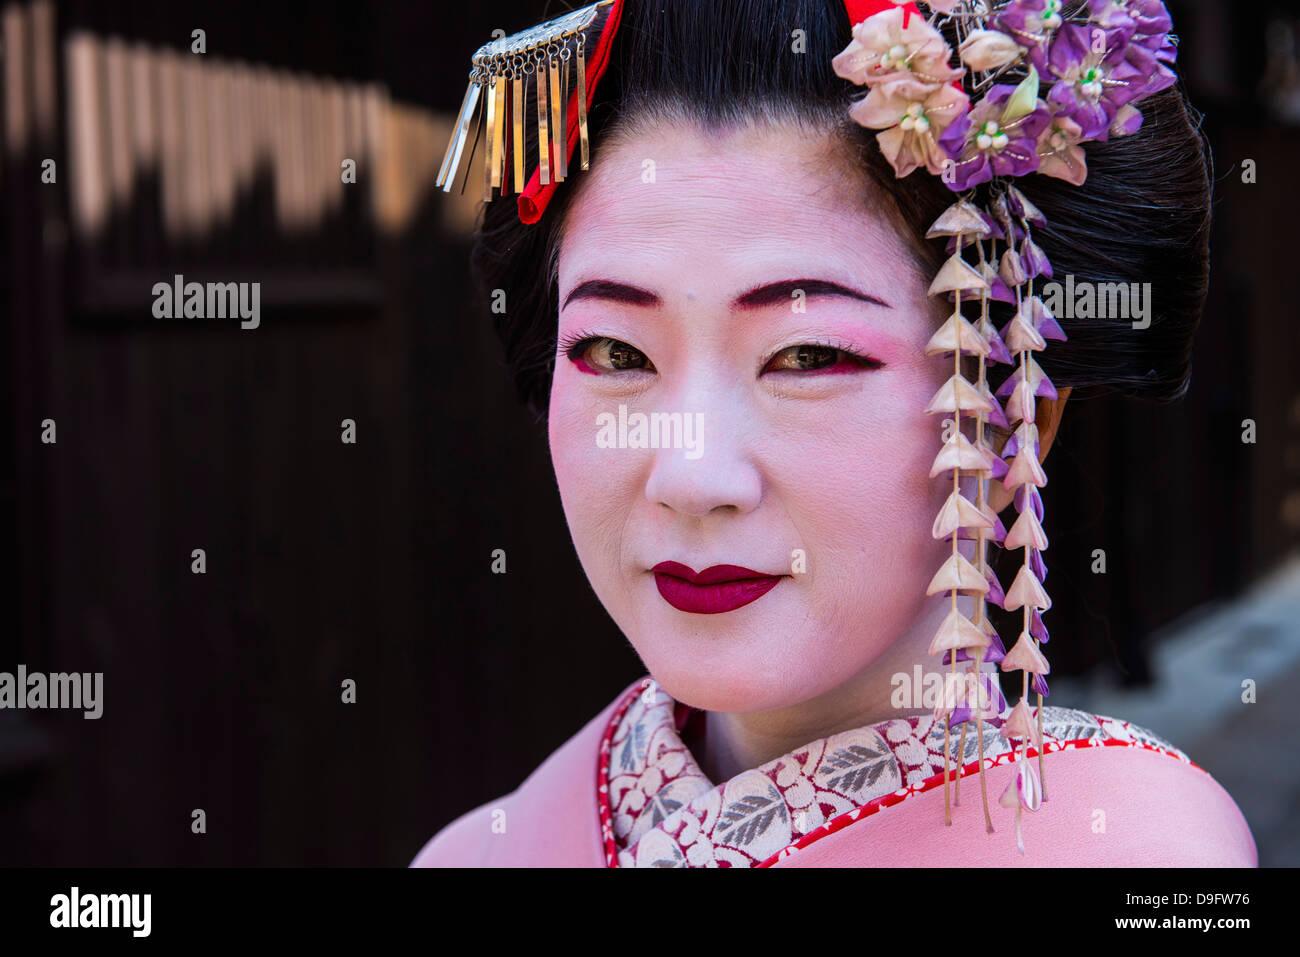 Traditionell gekleidete Geishas in der Altstadt von Kyoto, Japan Stockbild